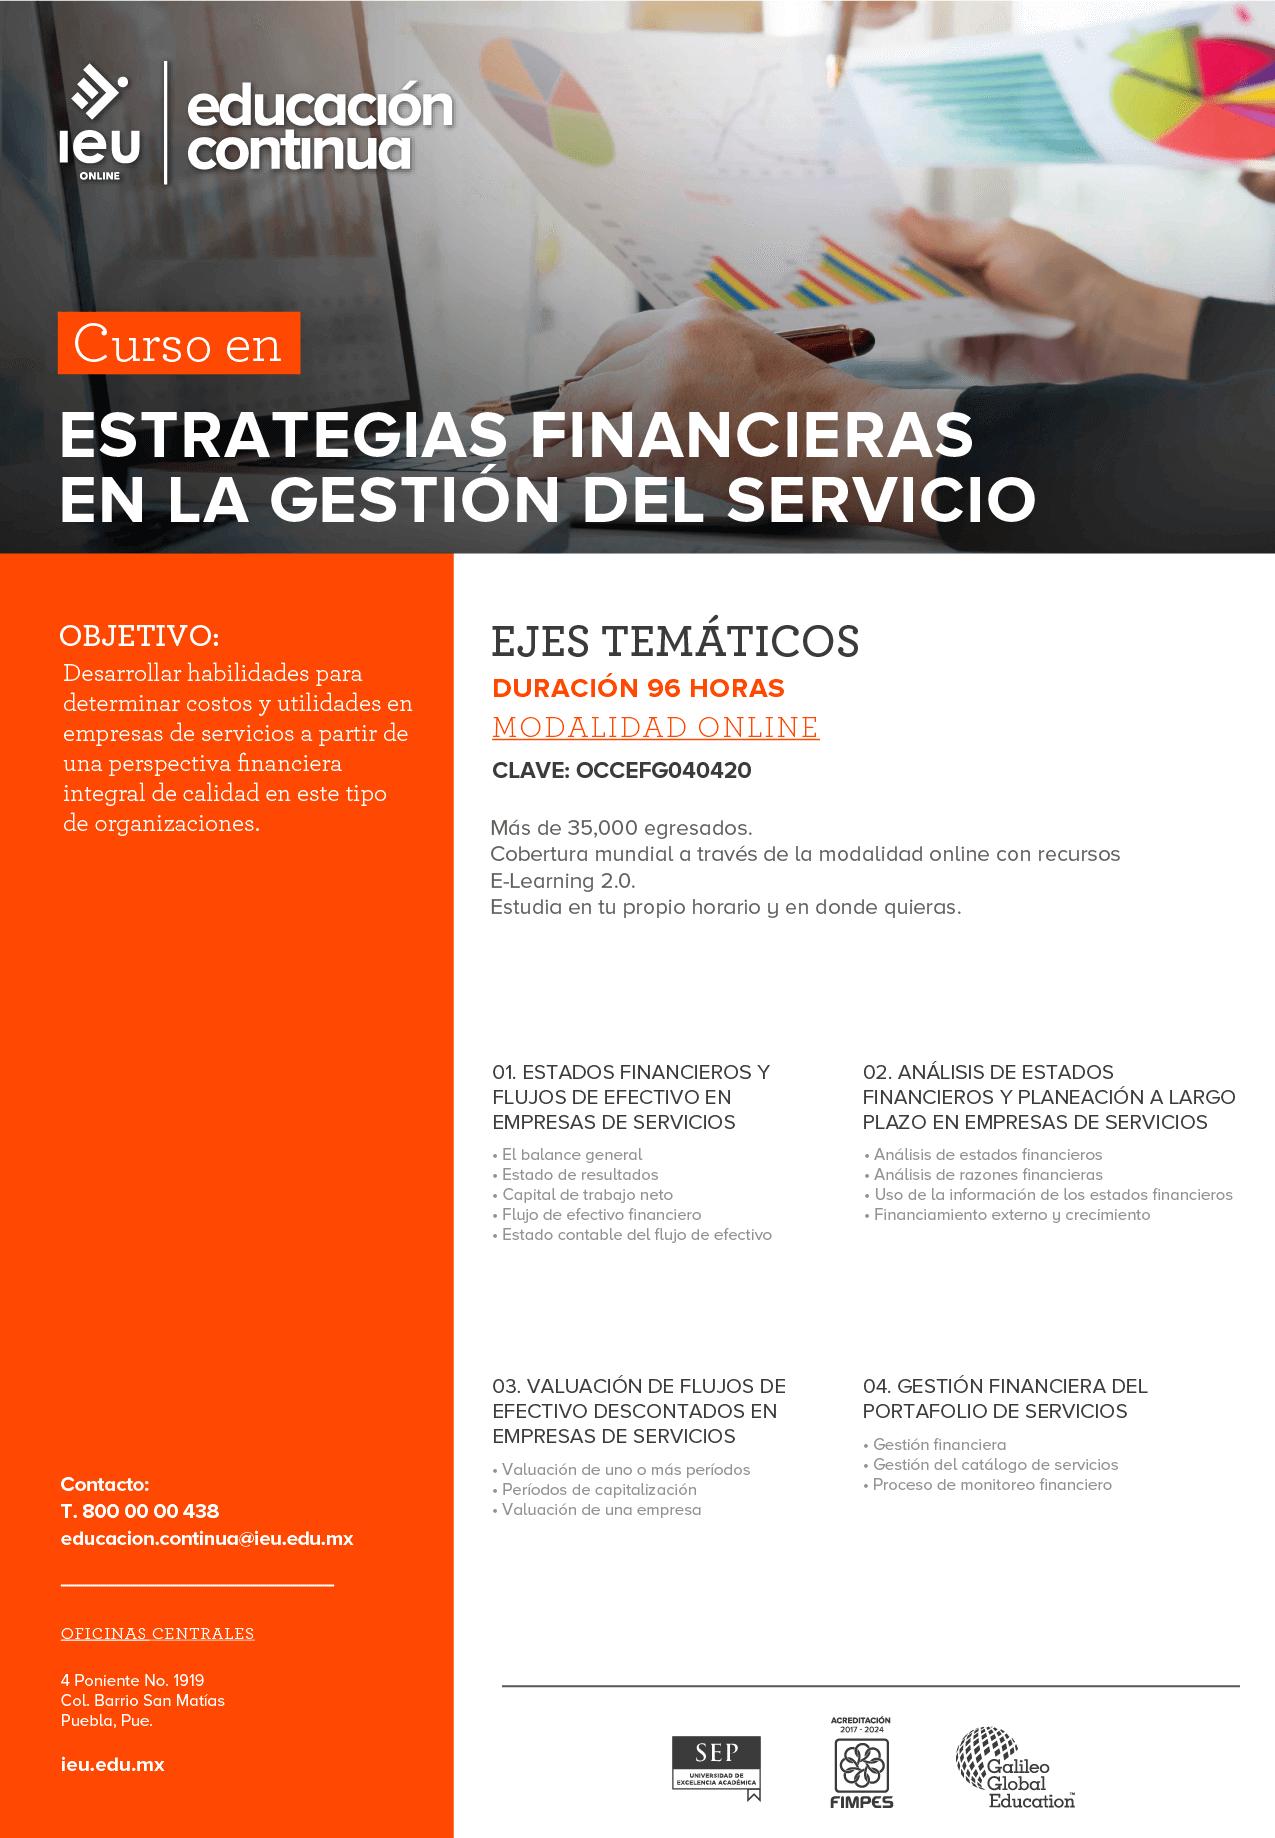 Estrategias financieras en la gestión del servicio